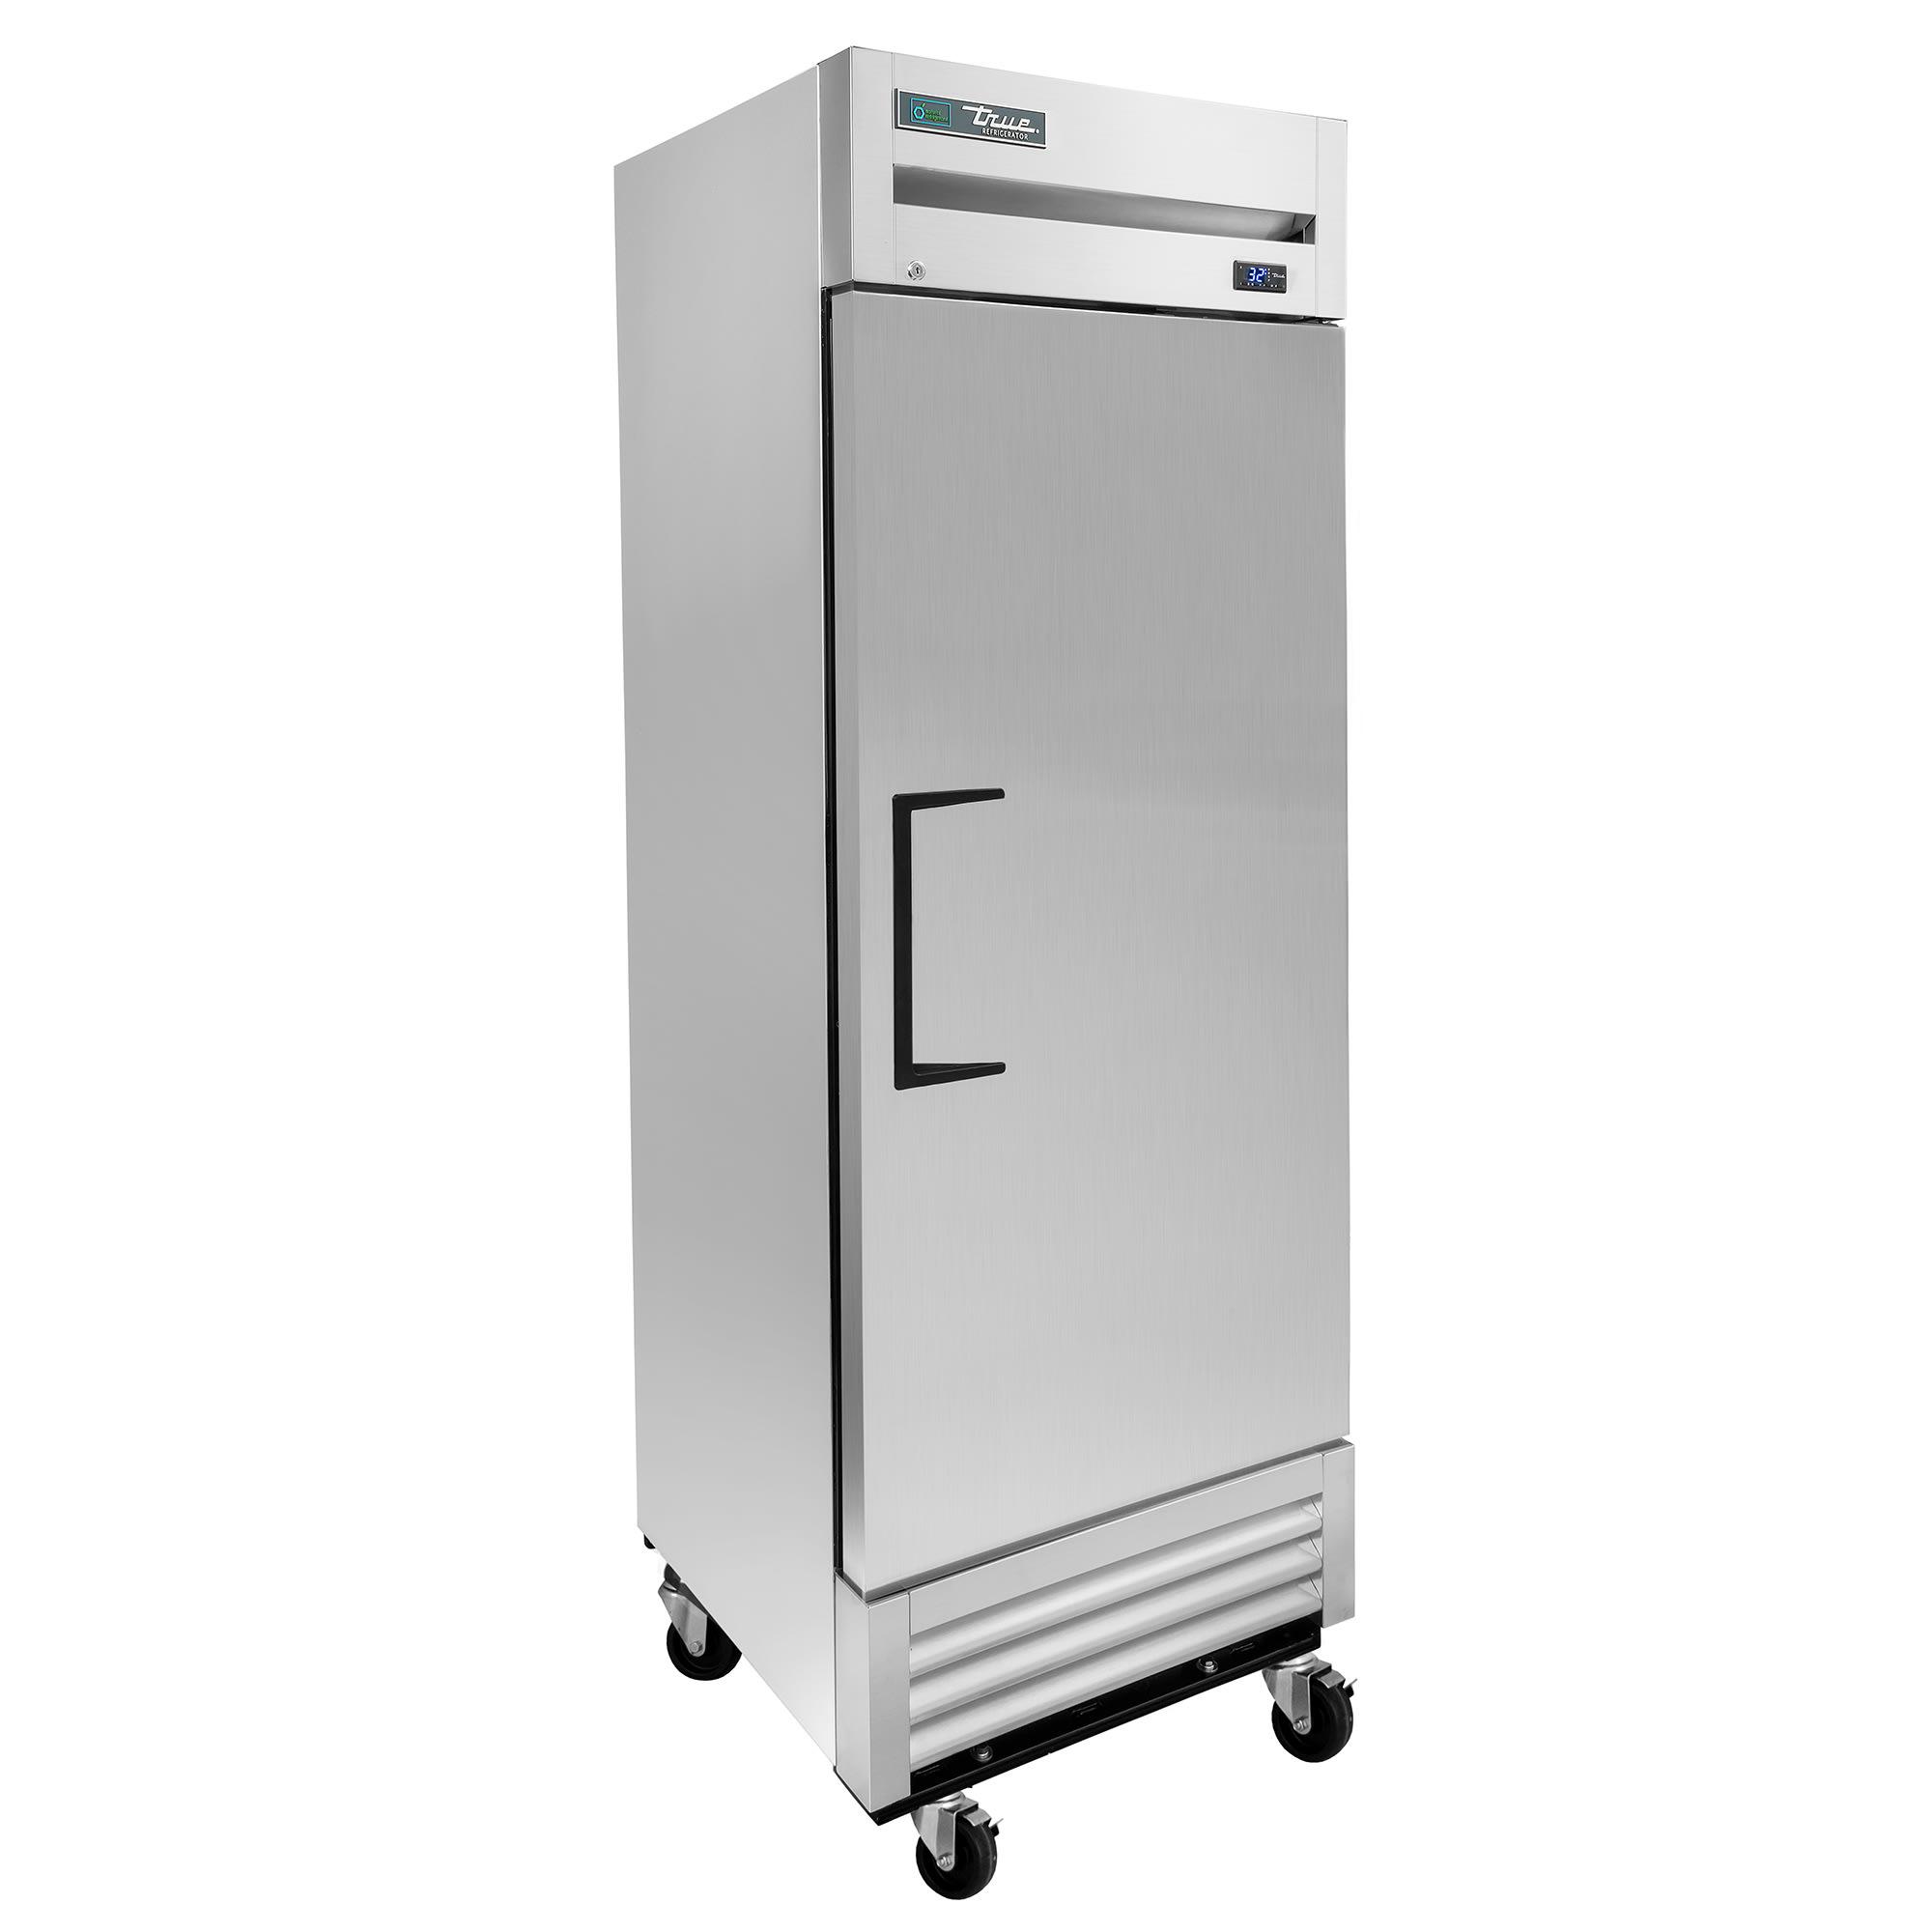 """True T-19-HC 27"""" Single Section Reach-In Refrigerator, (1) Solid Door, 115v"""